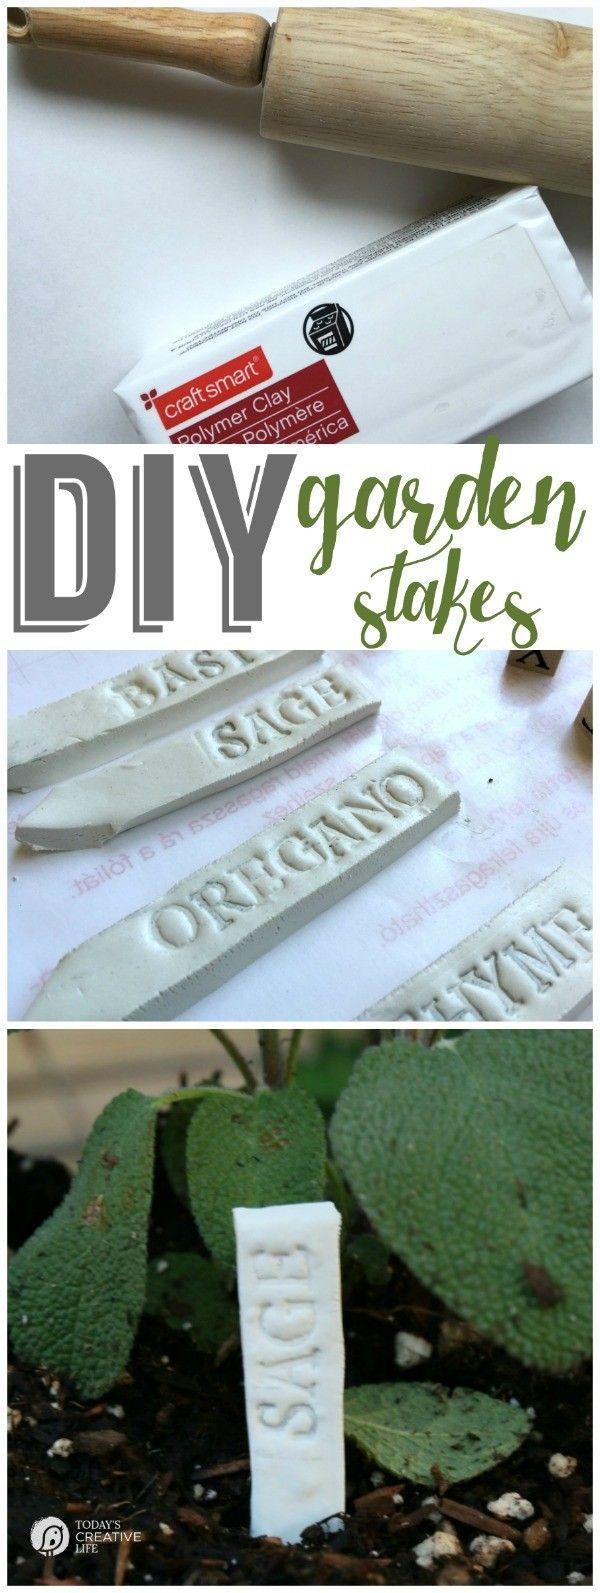 Planting an Herb Garden DIY